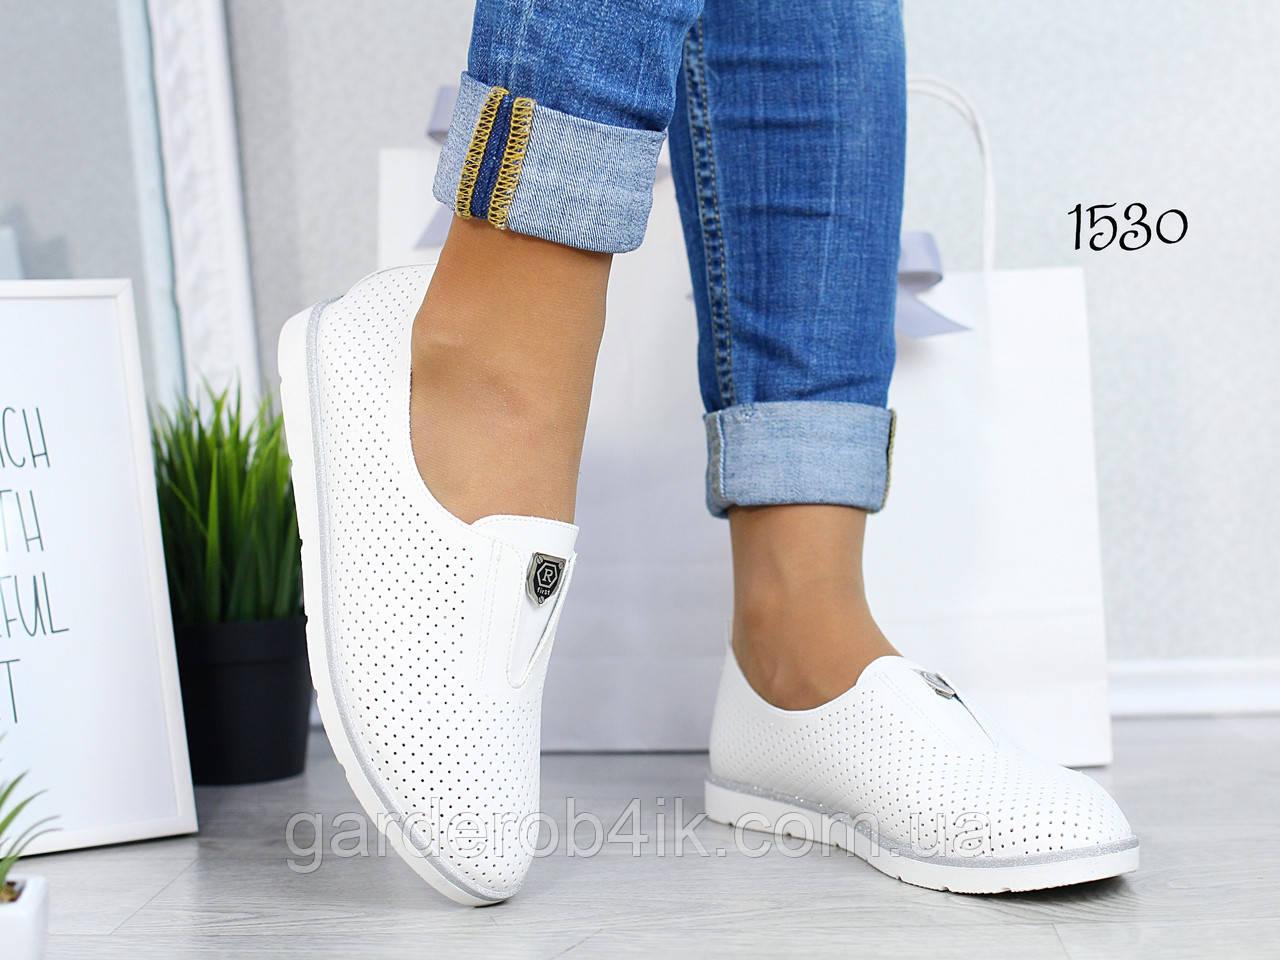 Женские туфли мокасины прессованная кожа